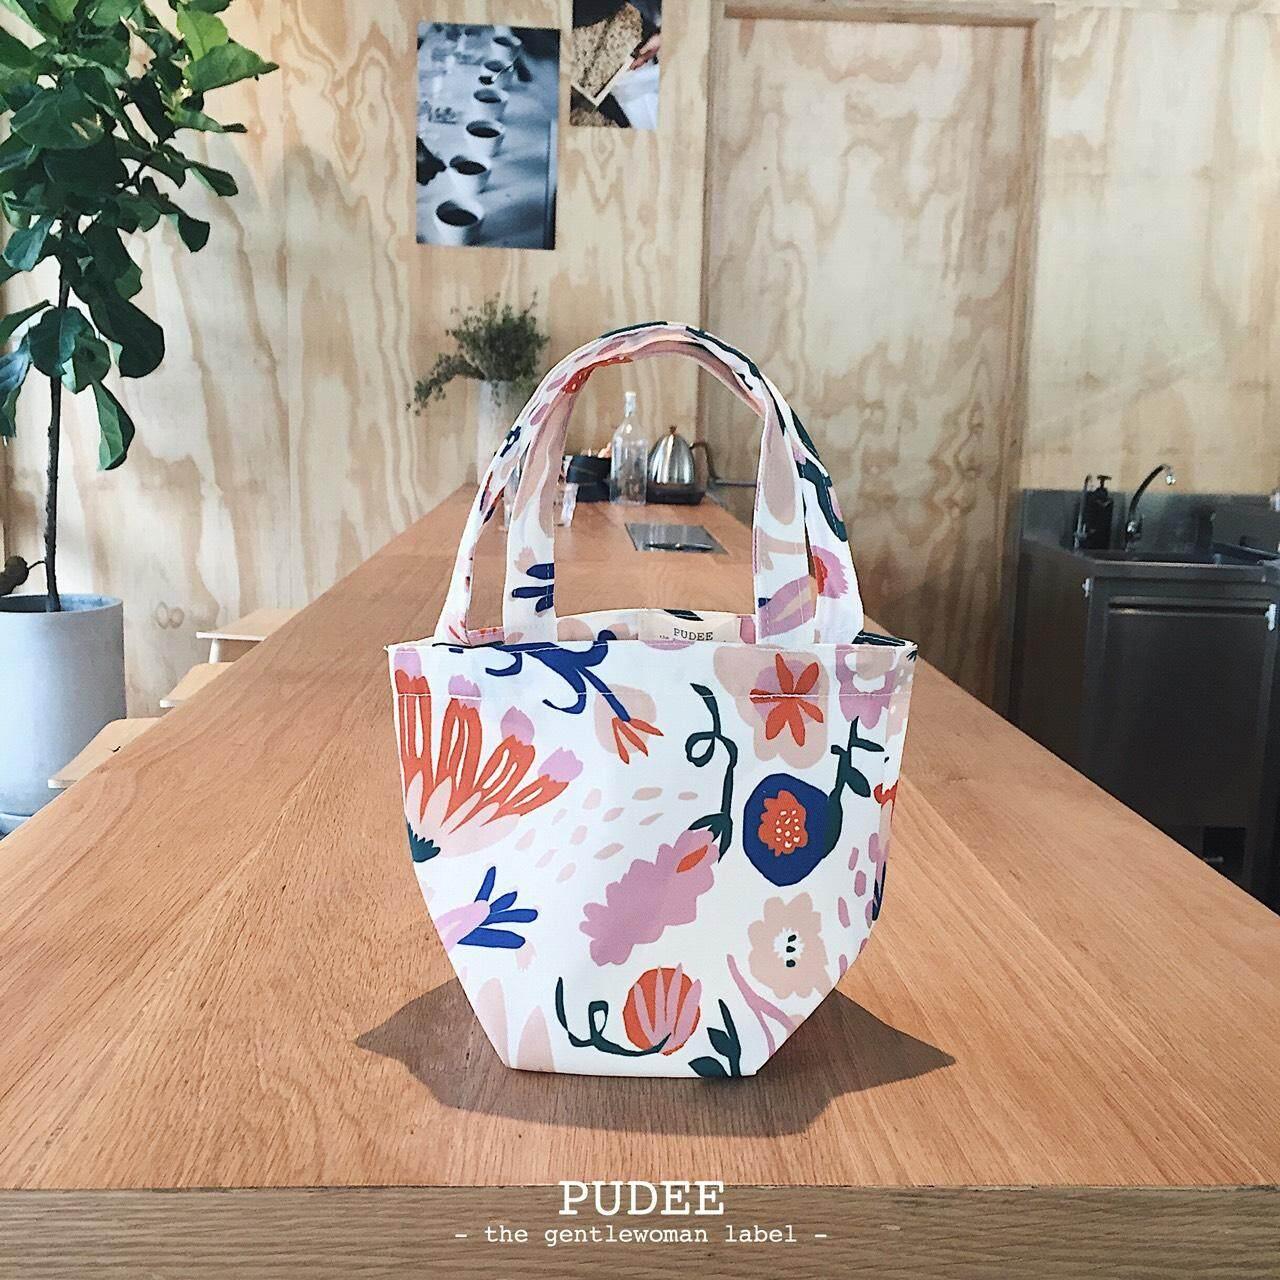 กระเป๋าสะพายพาดลำตัว นักเรียน ผู้หญิง วัยรุ่น ศรีสะเกษ Pudee - กระเป๋า รุ่น tropi mini lunch bag